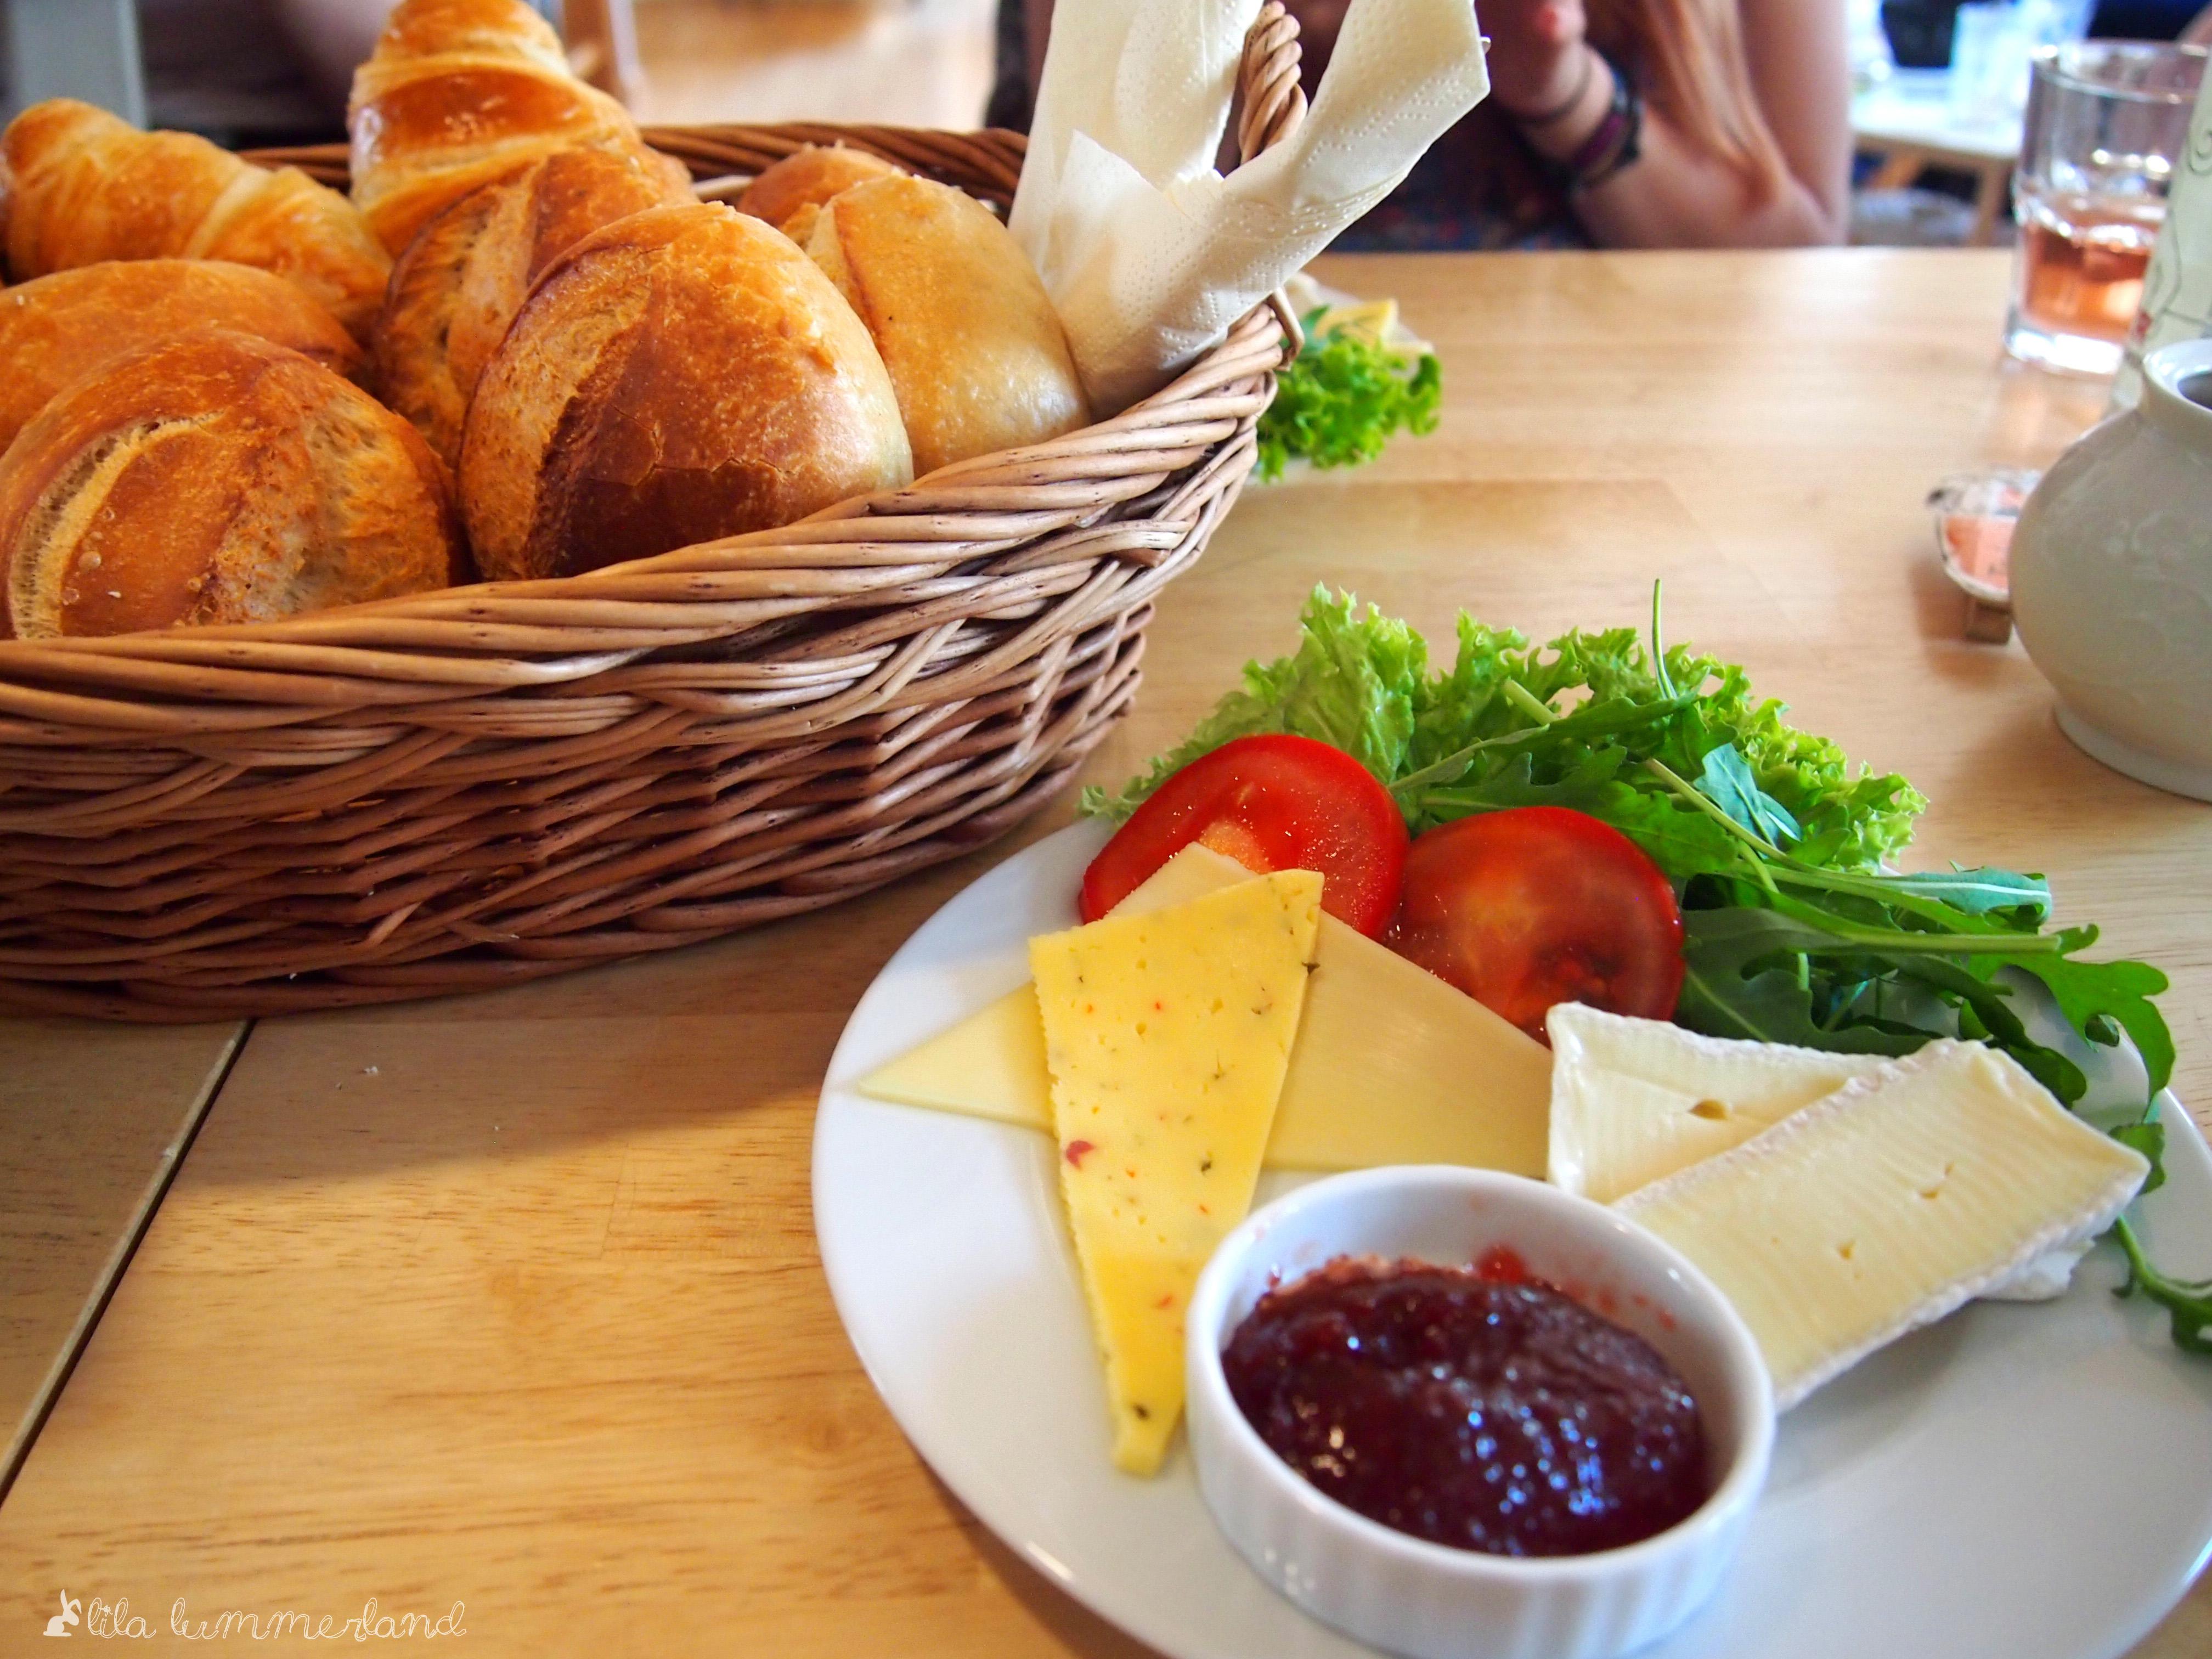 Mayras Wohnzimmer Cafe Bonn Beuel Buntes Wohnzimmer